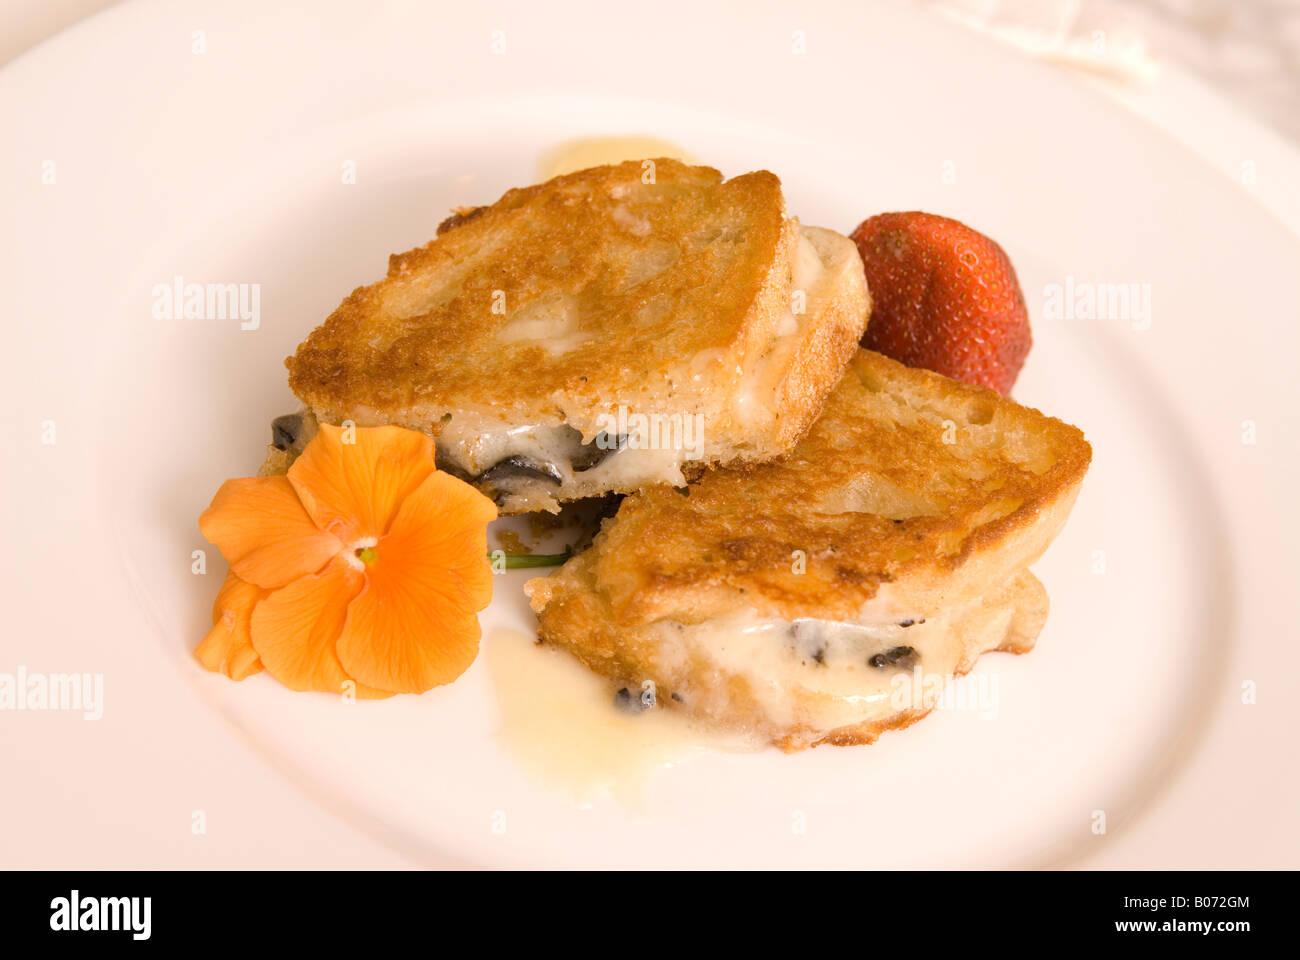 Primer plano de Diamante Negro Trufa sándwich con pan de masa fermentada y queso derretido EE.UU. Foto de stock